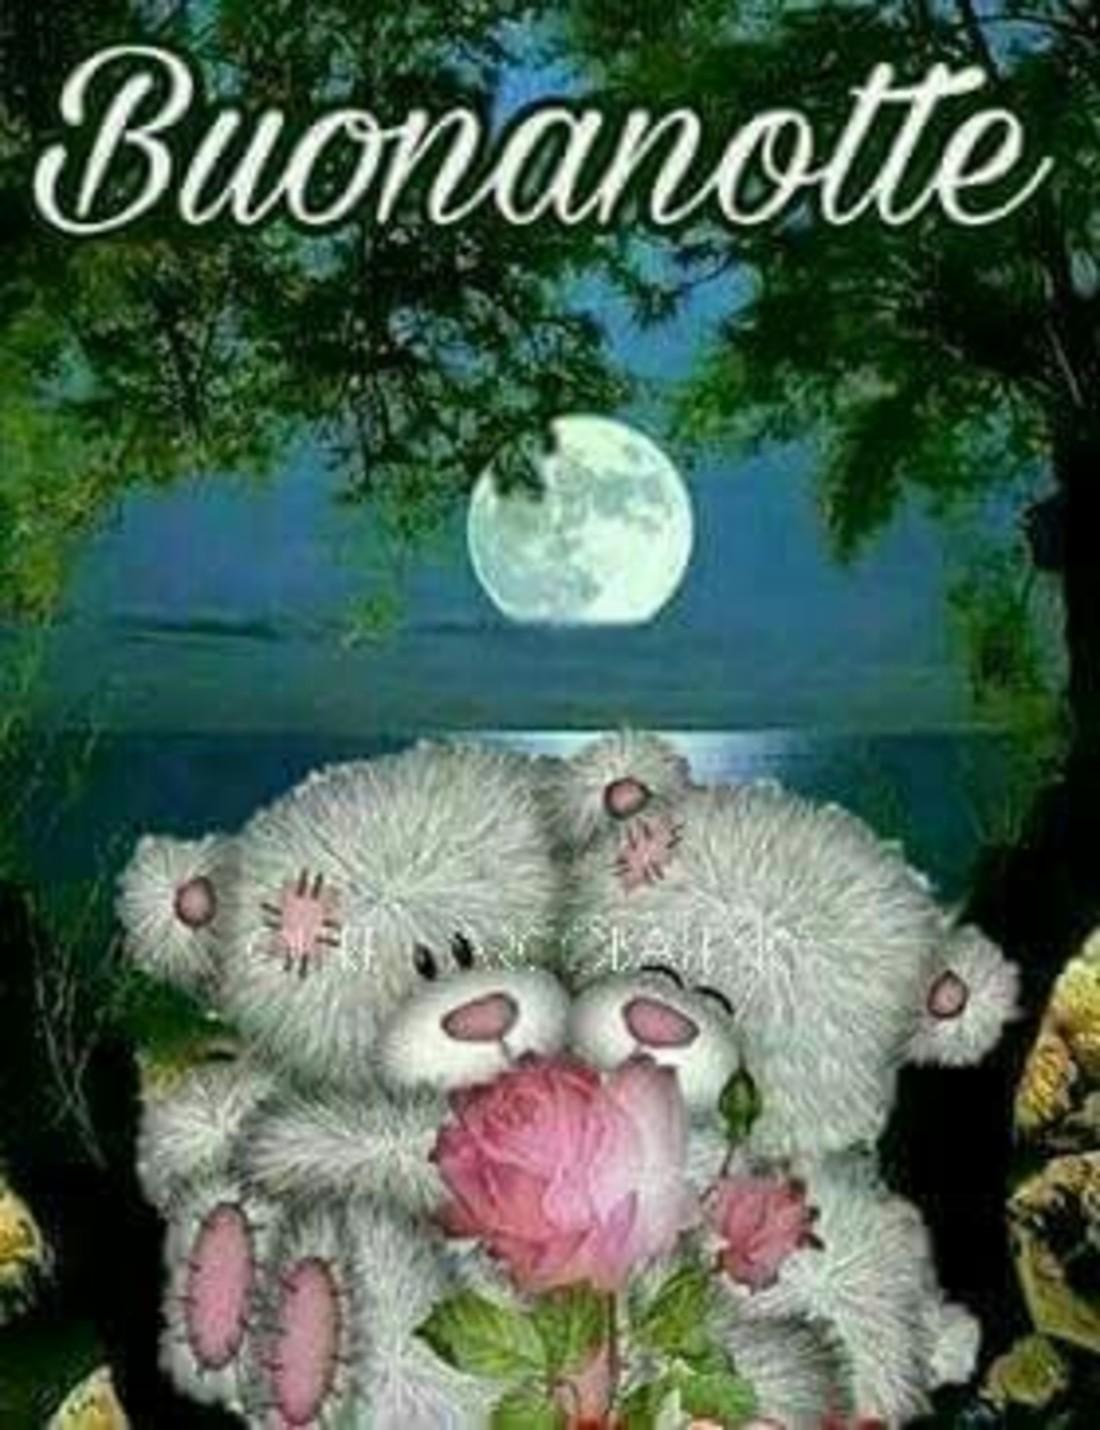 Buonanotte con gli orsetti